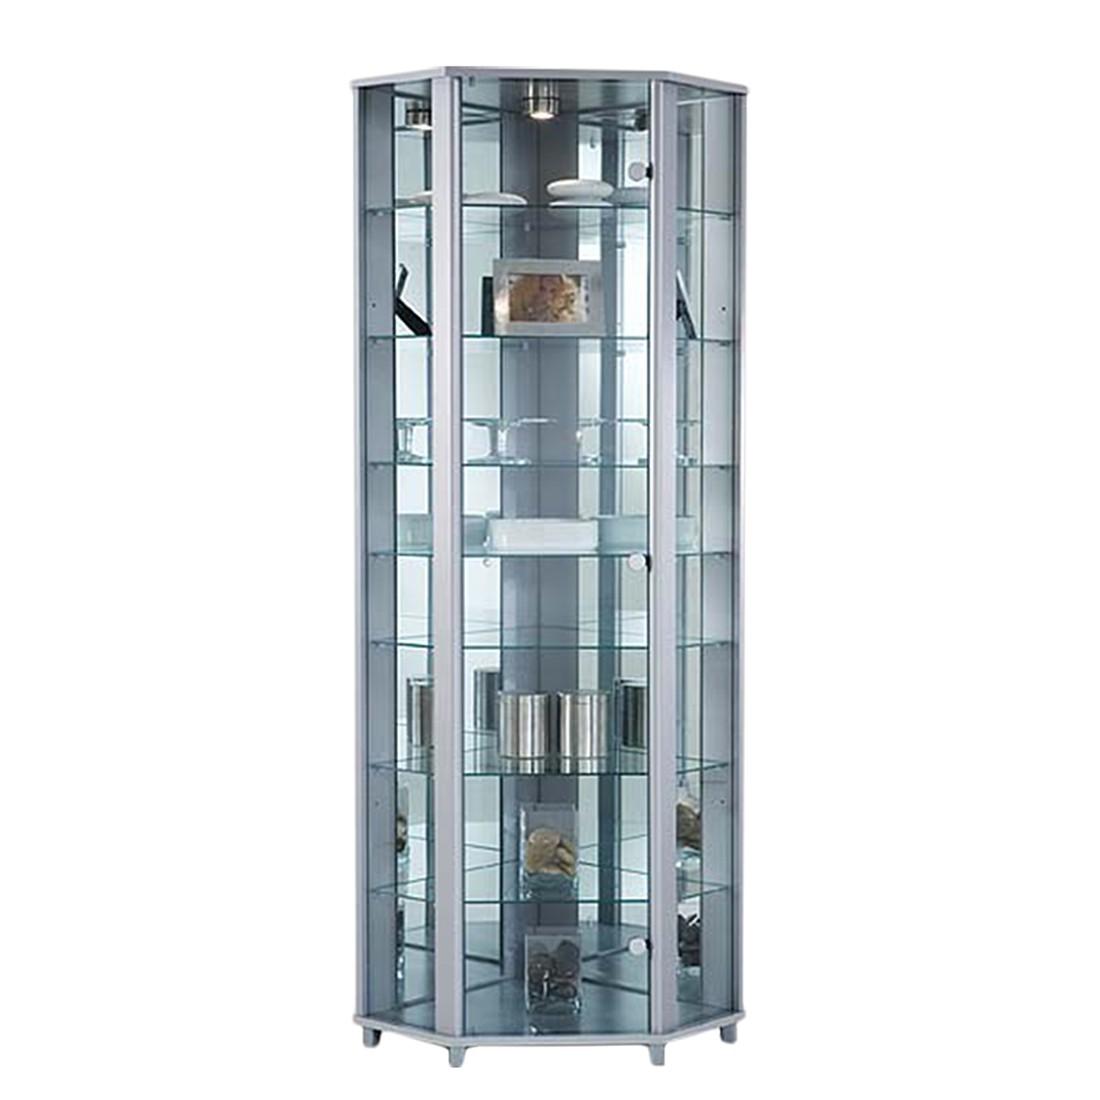 Home 24 - Eek b, vitrine d angle amalia - argenté - avec 7 tablettes en verre, modoform